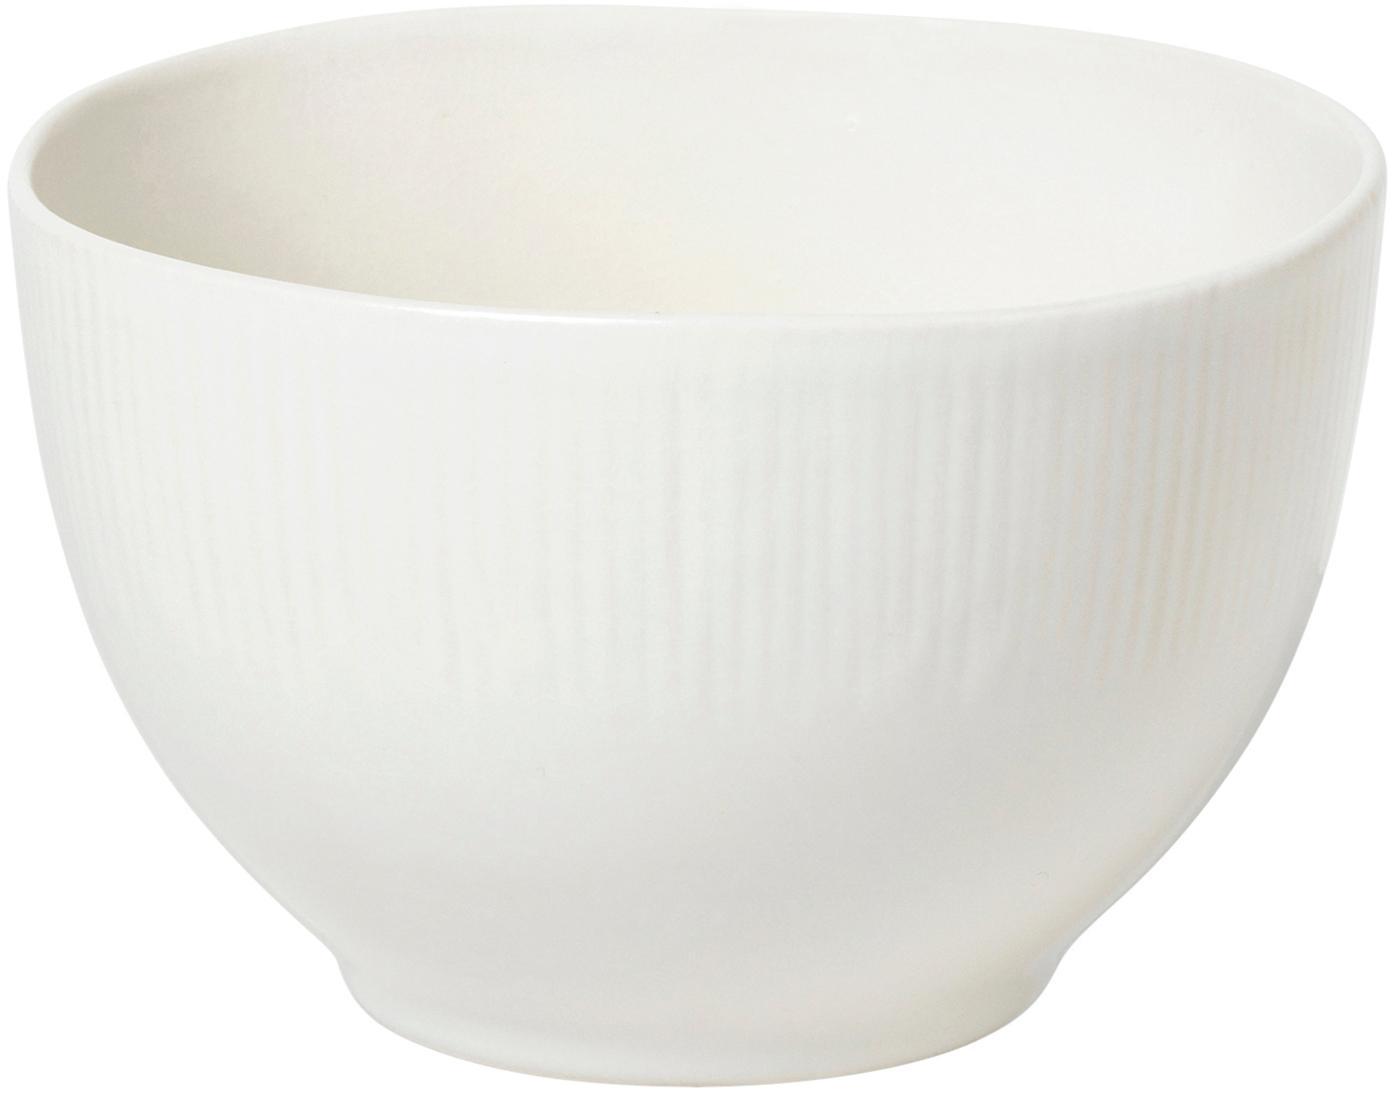 Ręcznie wykonana miska Sandvig, 4 szt., Porcelana farbowana, Złamana biel, Ø 14 x W 8 cm